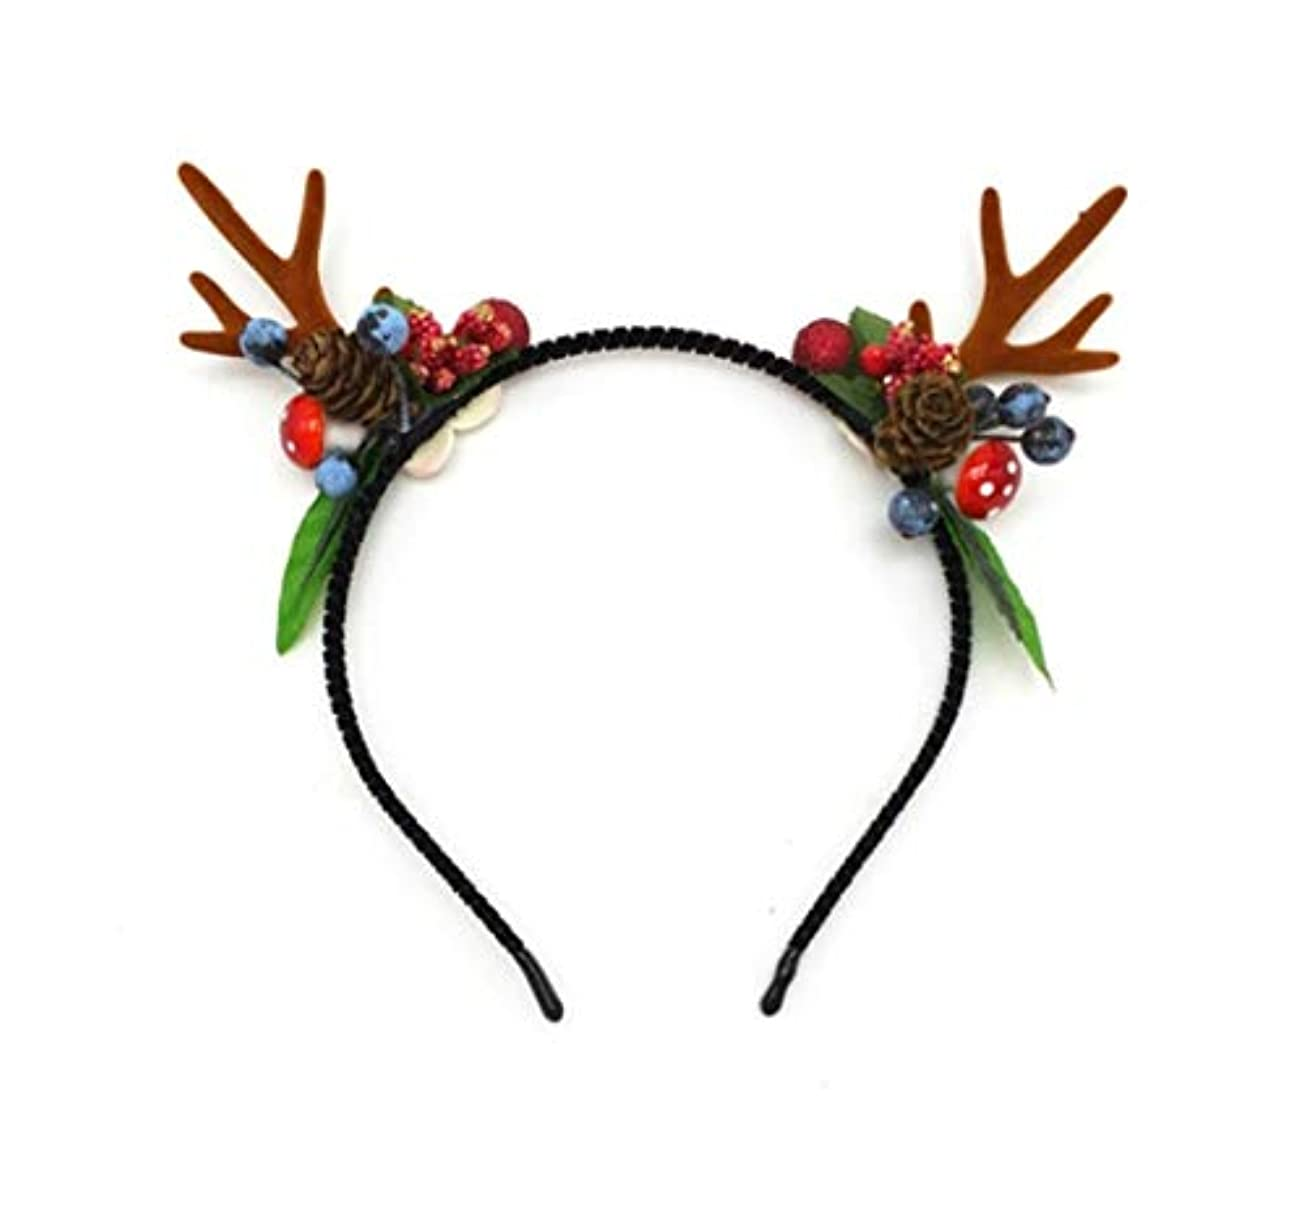 最悪充電集まるクリスマス枝角のヘアクリップ飾り森女性のヘラジカは、女性のヘアアクセサリーヘアピンネット赤いクリップいちごジャムキノコアントラーズヘッドバンド (Size : C)